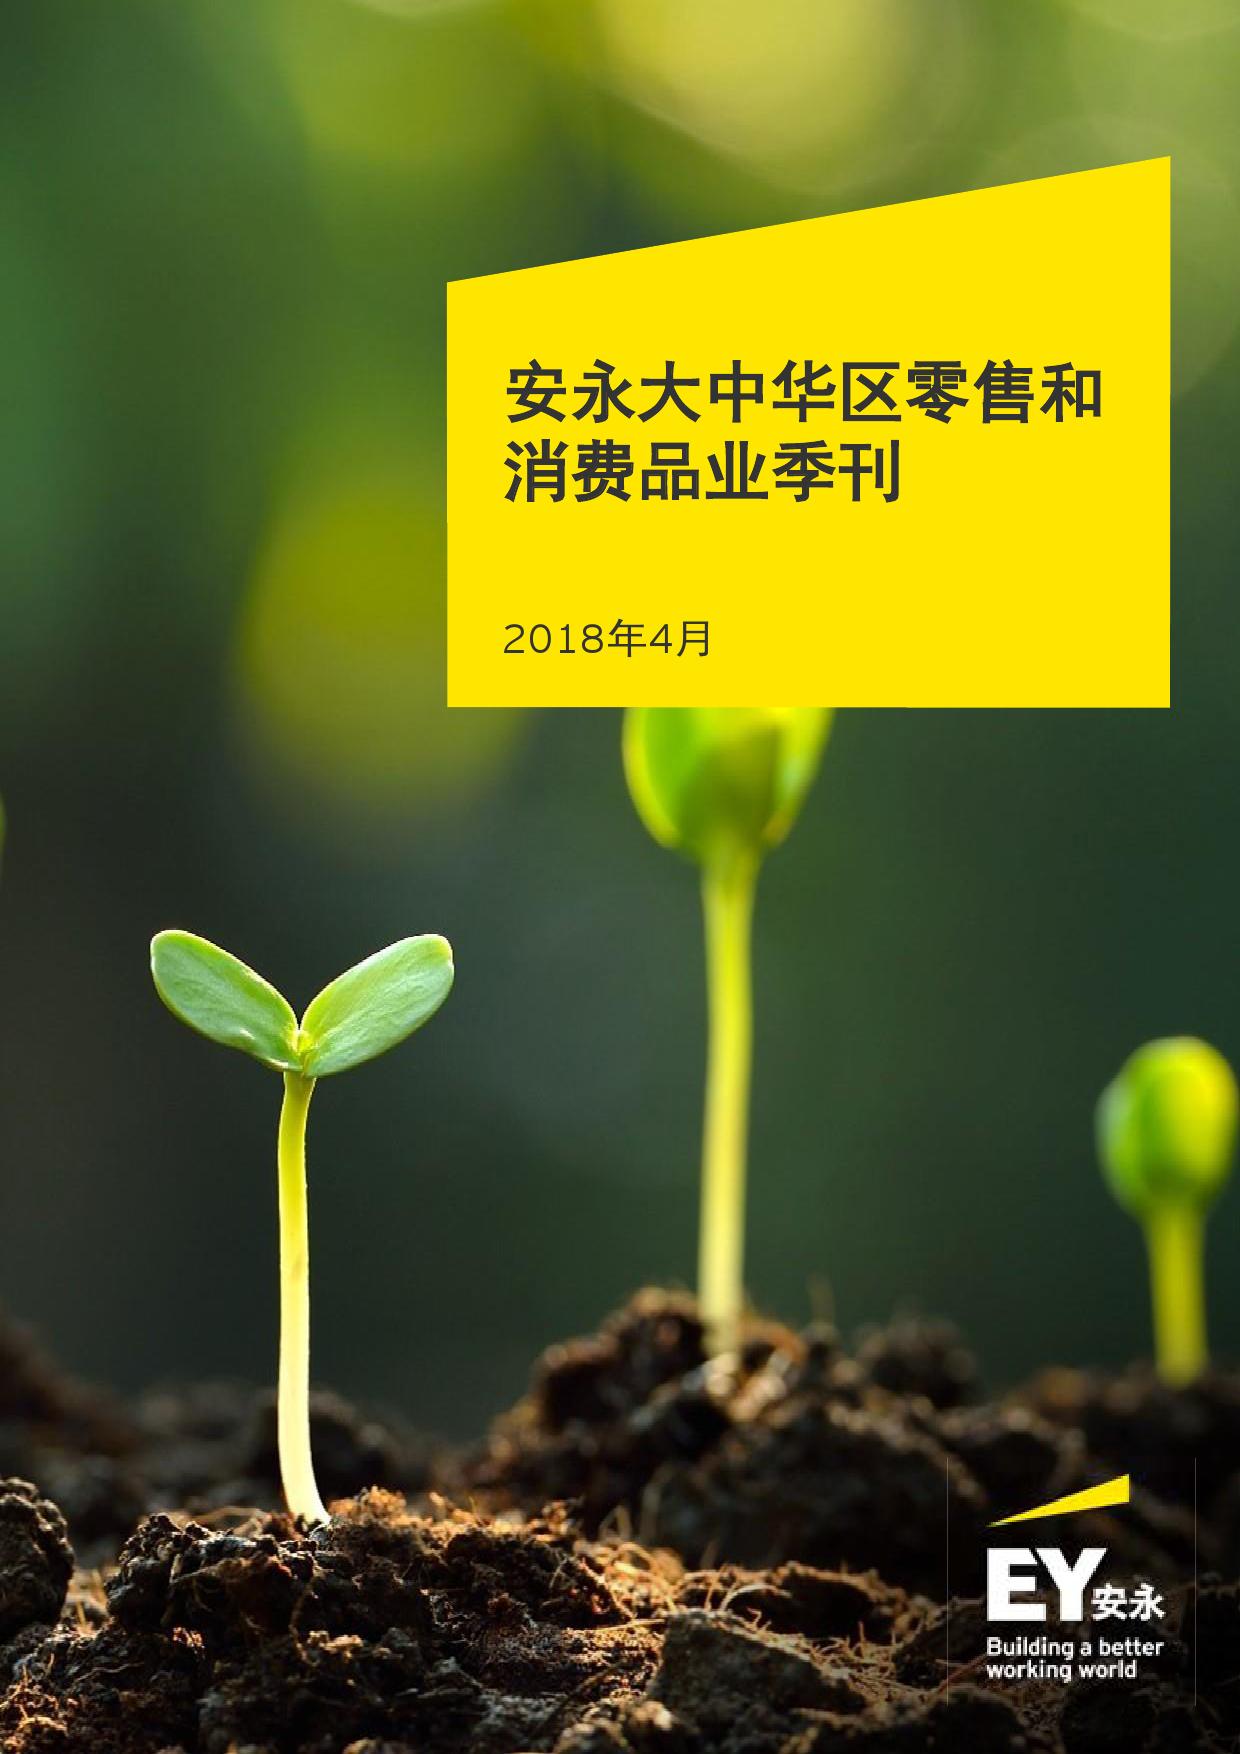 安永:2018年4月大中华区零售和消费品业季刊(附下载)